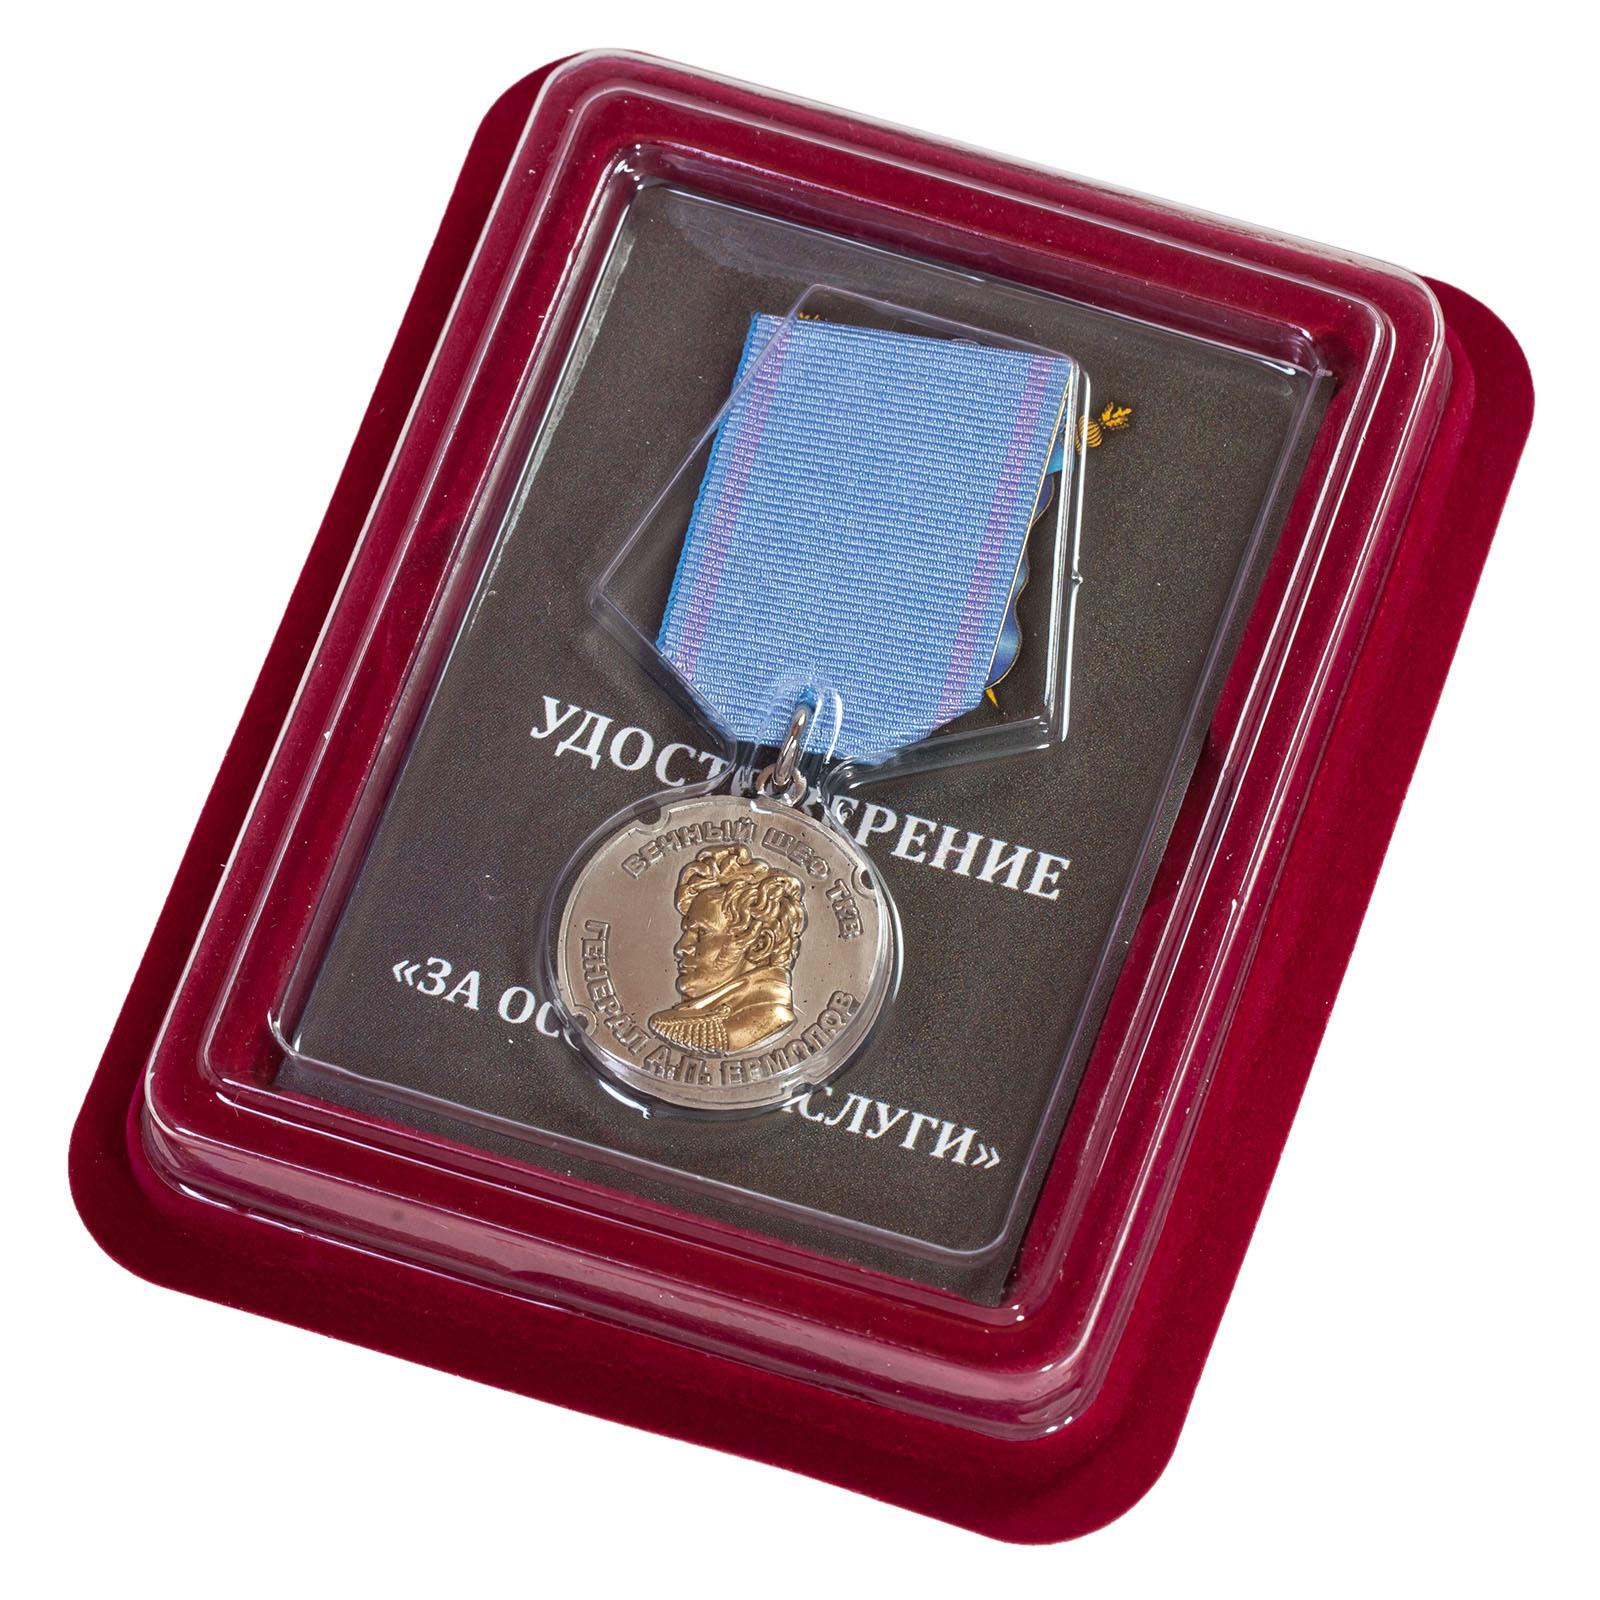 """Медаль ТКВ """"За особые заслуги"""" в футляре из бордового флока"""